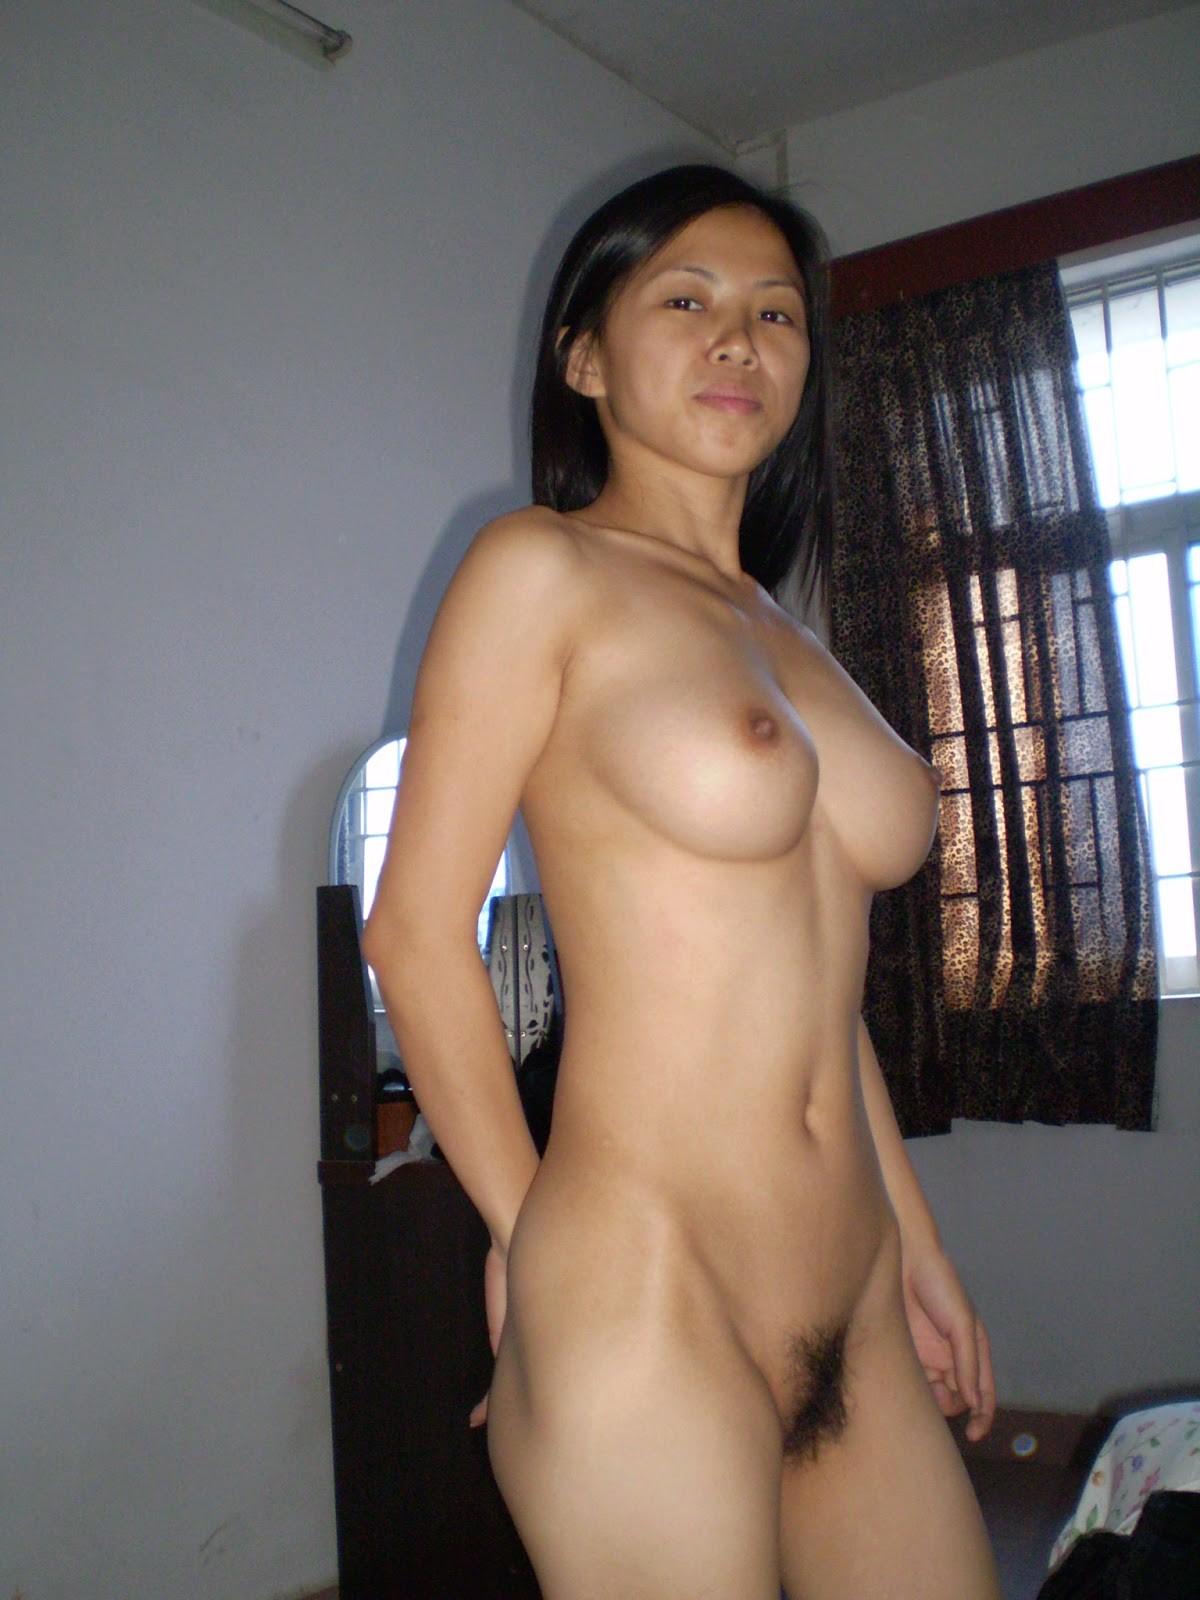 bonasse asiatique (3)